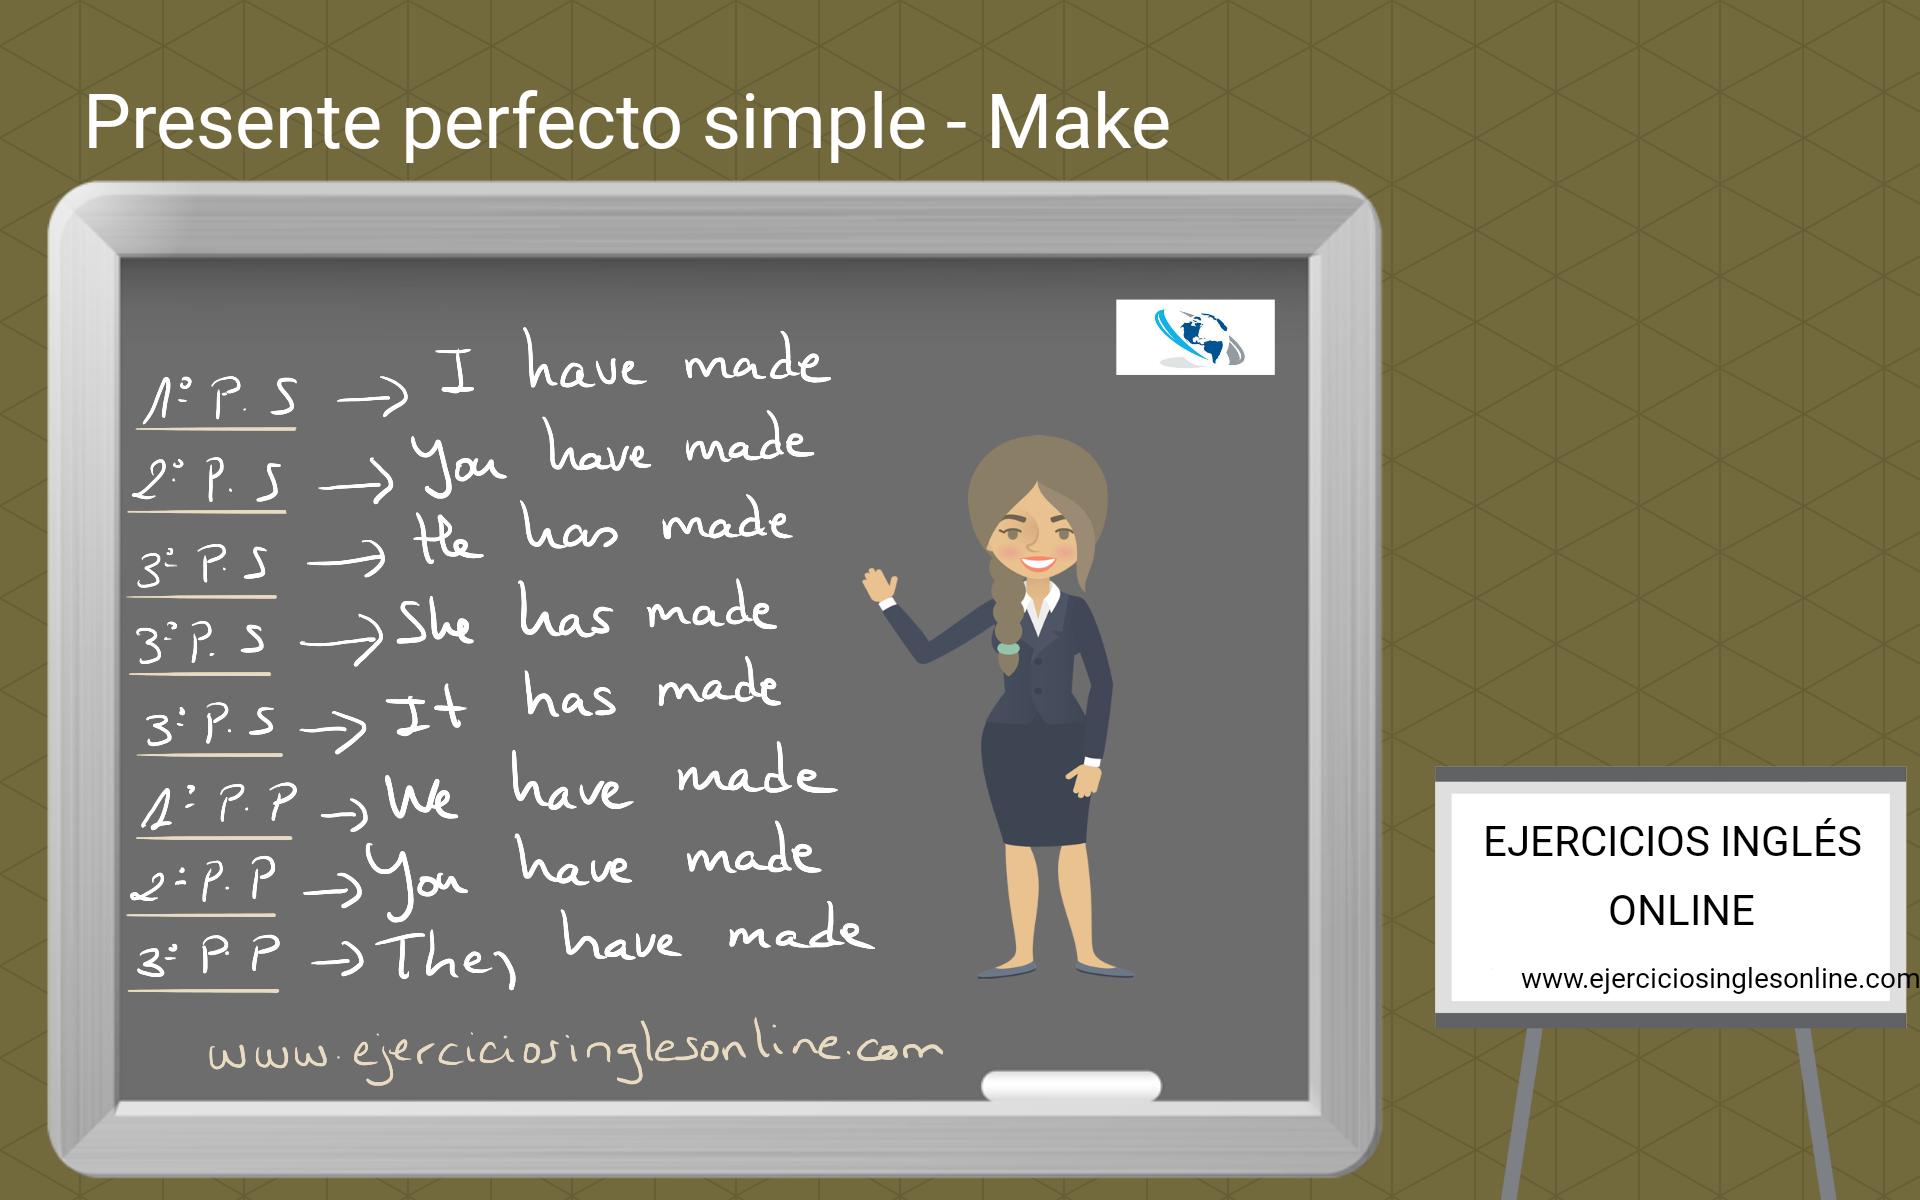 Presente perfecto simple - Ejercicio 6 - Interactivo